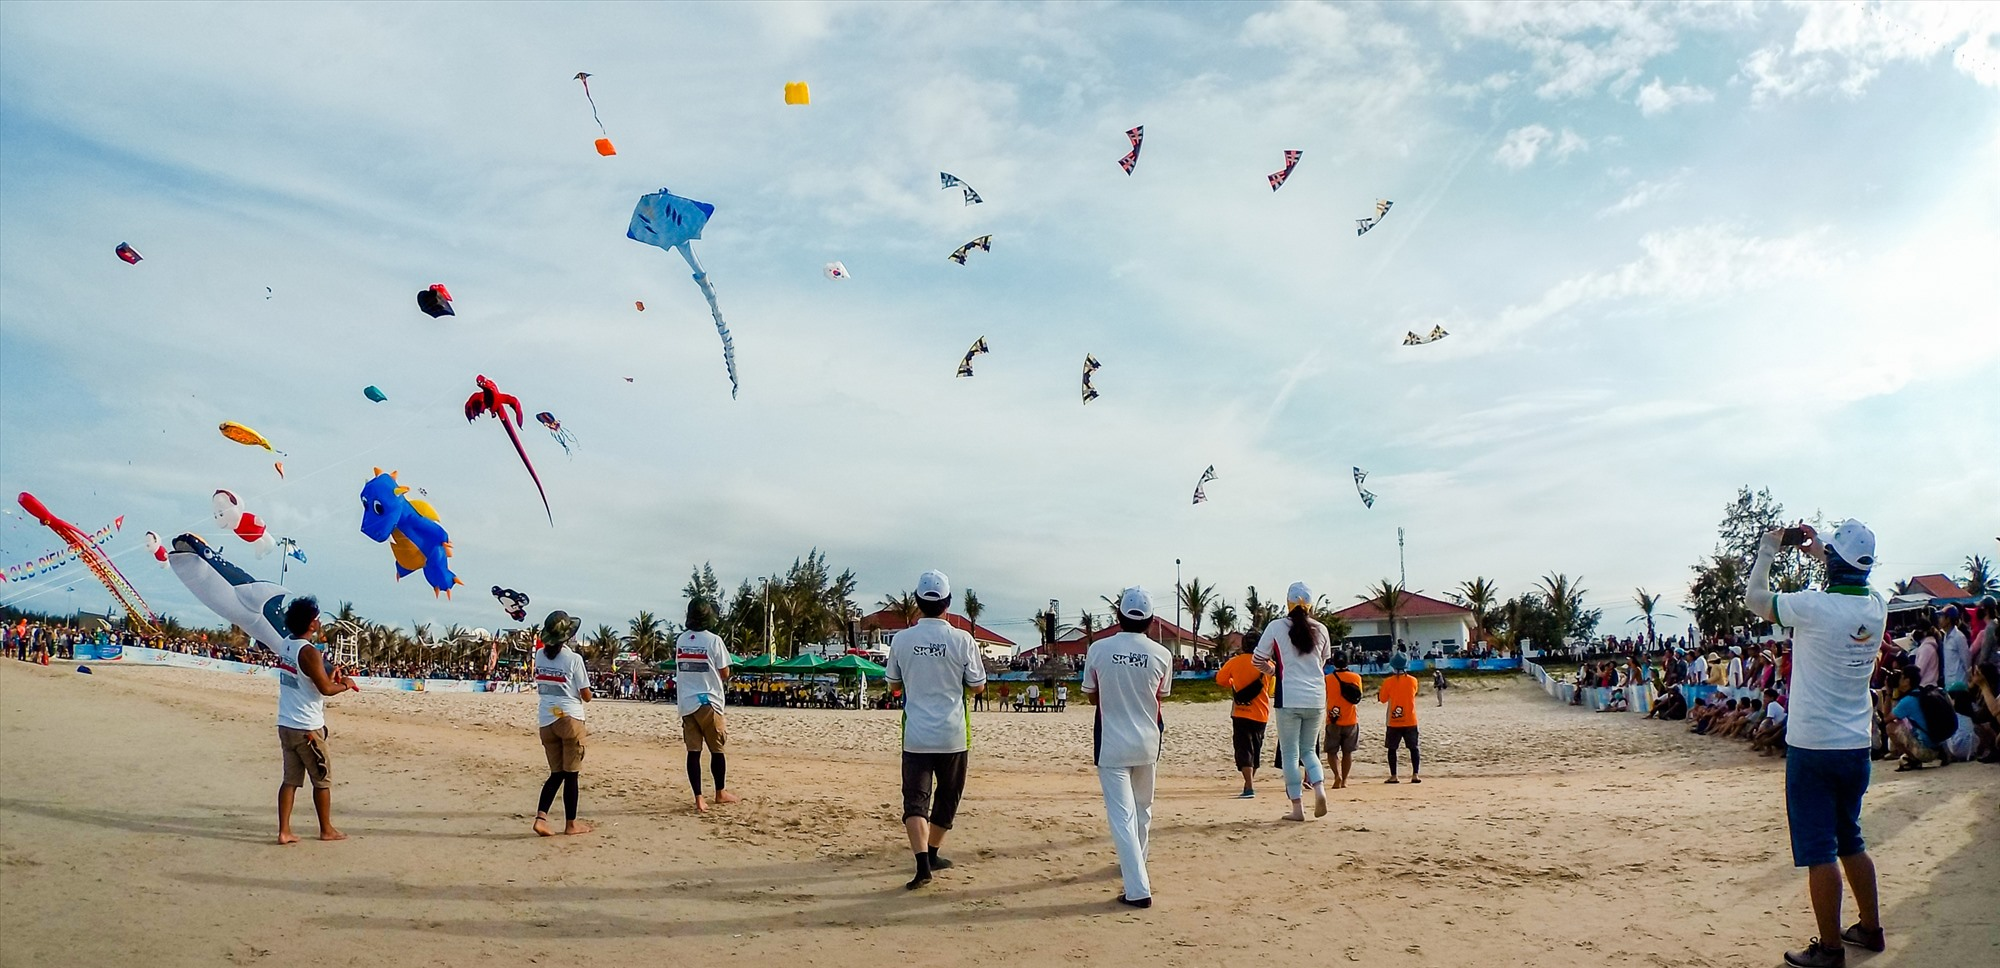 Thế mạnh quan trọng bậc nhất của Quảng Nam là bờ biển dài và đẹp, do đó trong quy hoạch cần chú ý đảm bảo môi trường để thu hút khách du lịch đến tham quan và nghỉ dưỡng. TRONG ẢNH: Festival Diều quốc tế diễn ra vào năm 2017 ở bãi biển Tam Thanh (Tam Kỳ).Ảnh: PHƯƠNG THẢO